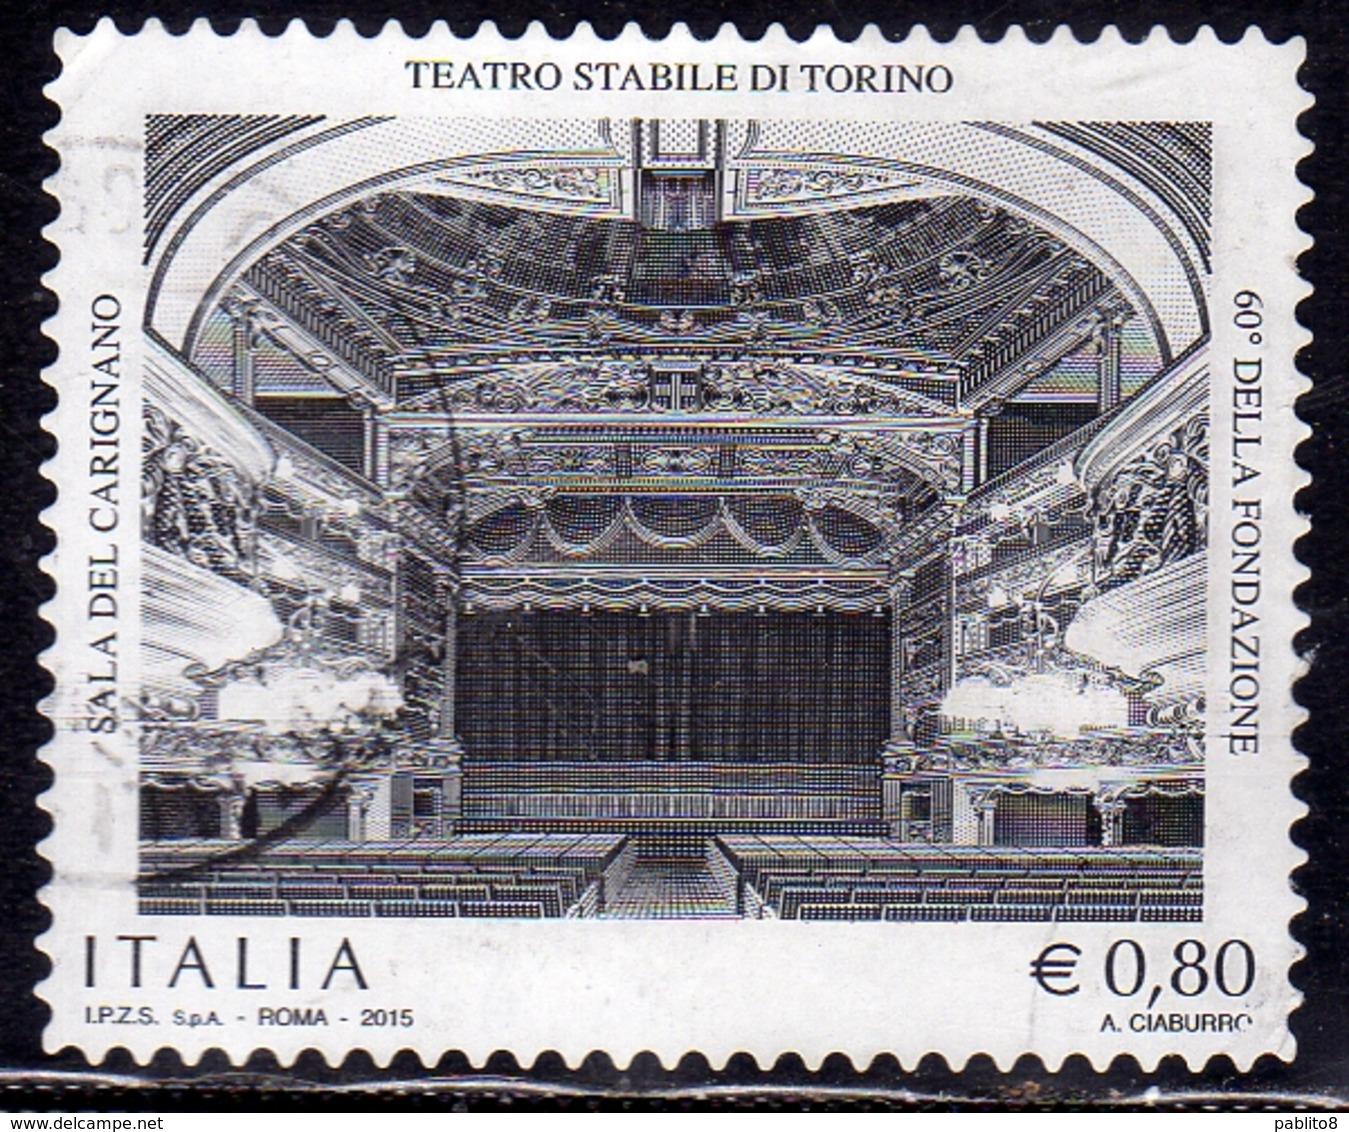 ITALIA REPUBBLICA ITALY REPUBLIC 2015 PATRIMONIO ARTISTICO E CULTURALE TEATRO STABILE DI TORINO USATO USED OBLITERE' - 2011-...: Usati